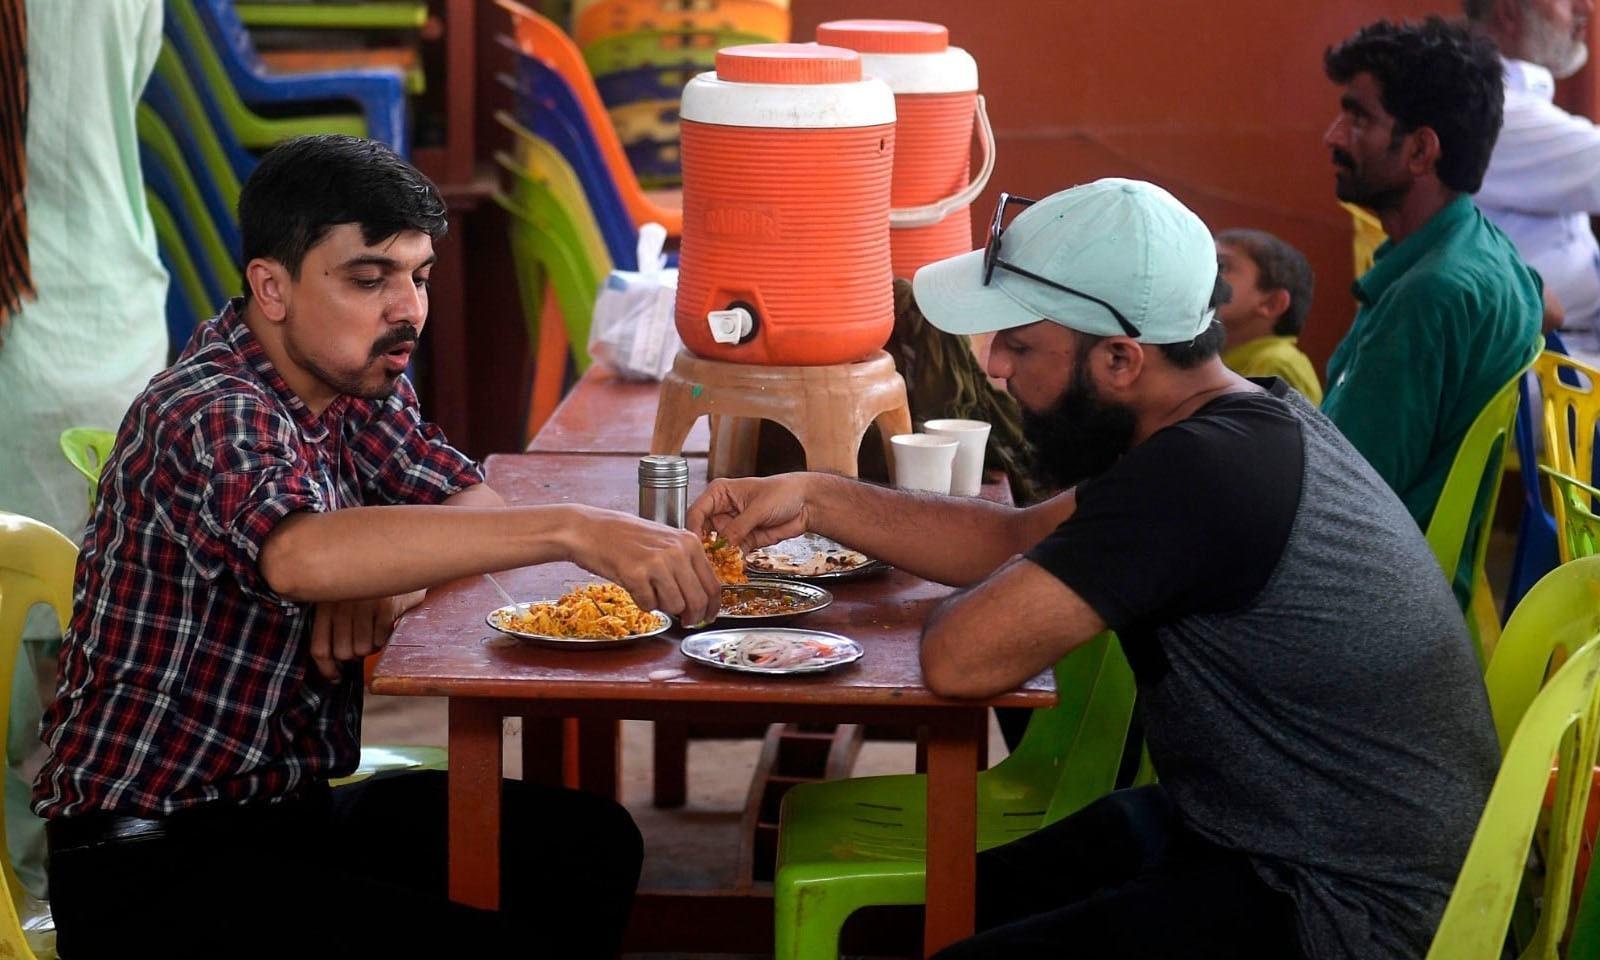 کراچی کے ایک مقامی ہوٹل میں  شہری کھانا کھا رہے ہیں— فوٹو: اے ایف پی